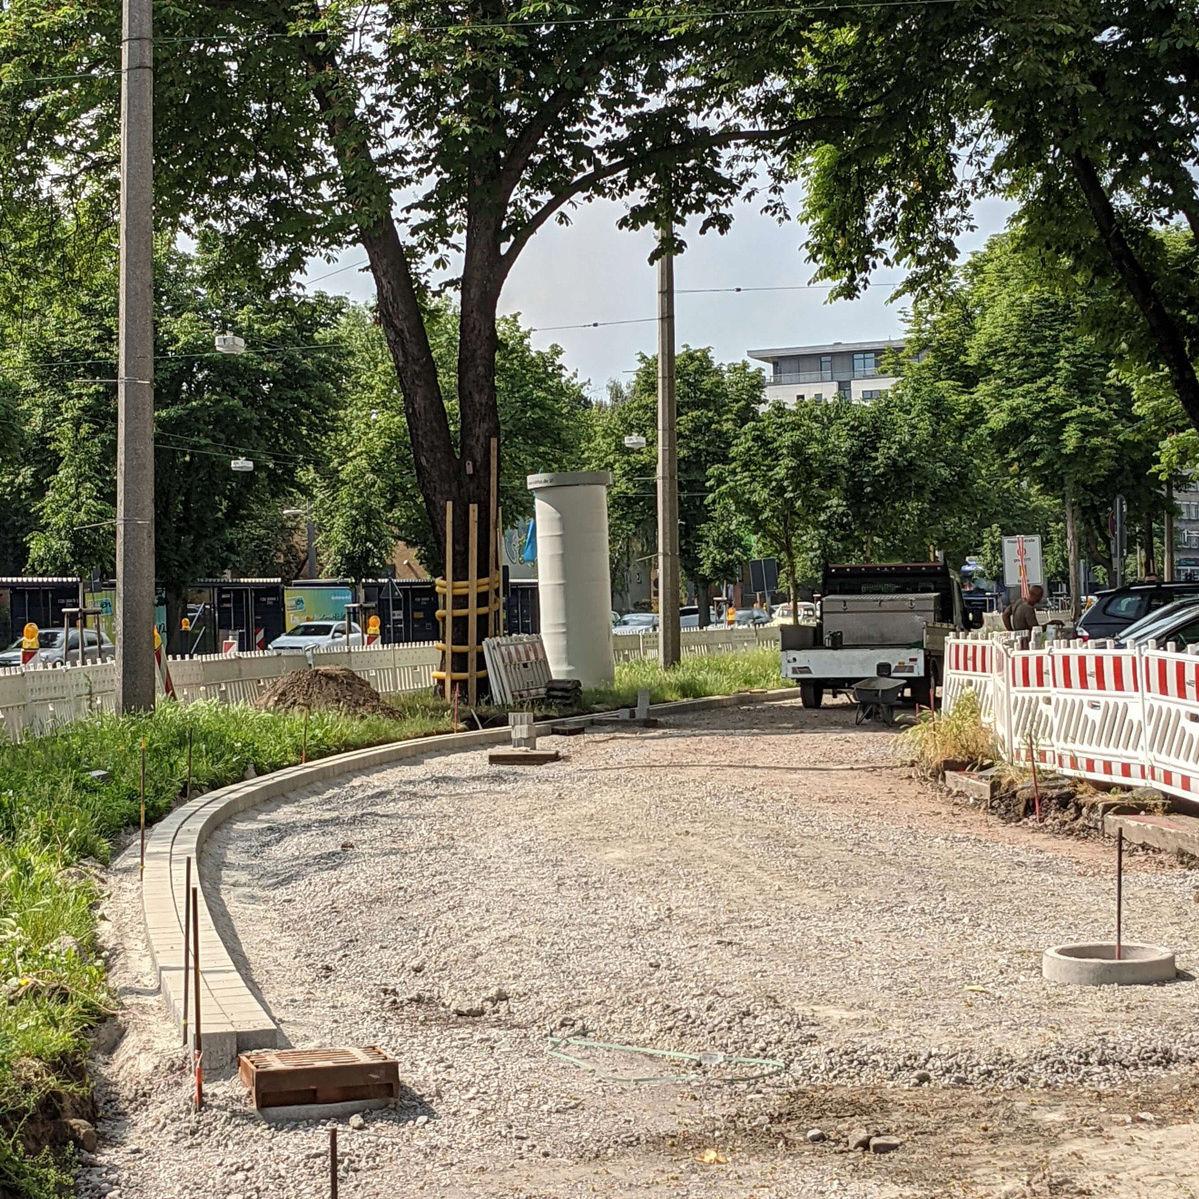 Baustelle des Radwegs am Wallring in Dortmund mit verlegten Pflastersteinen als Begrenzung am Rand und Schotter in der Wegmitte